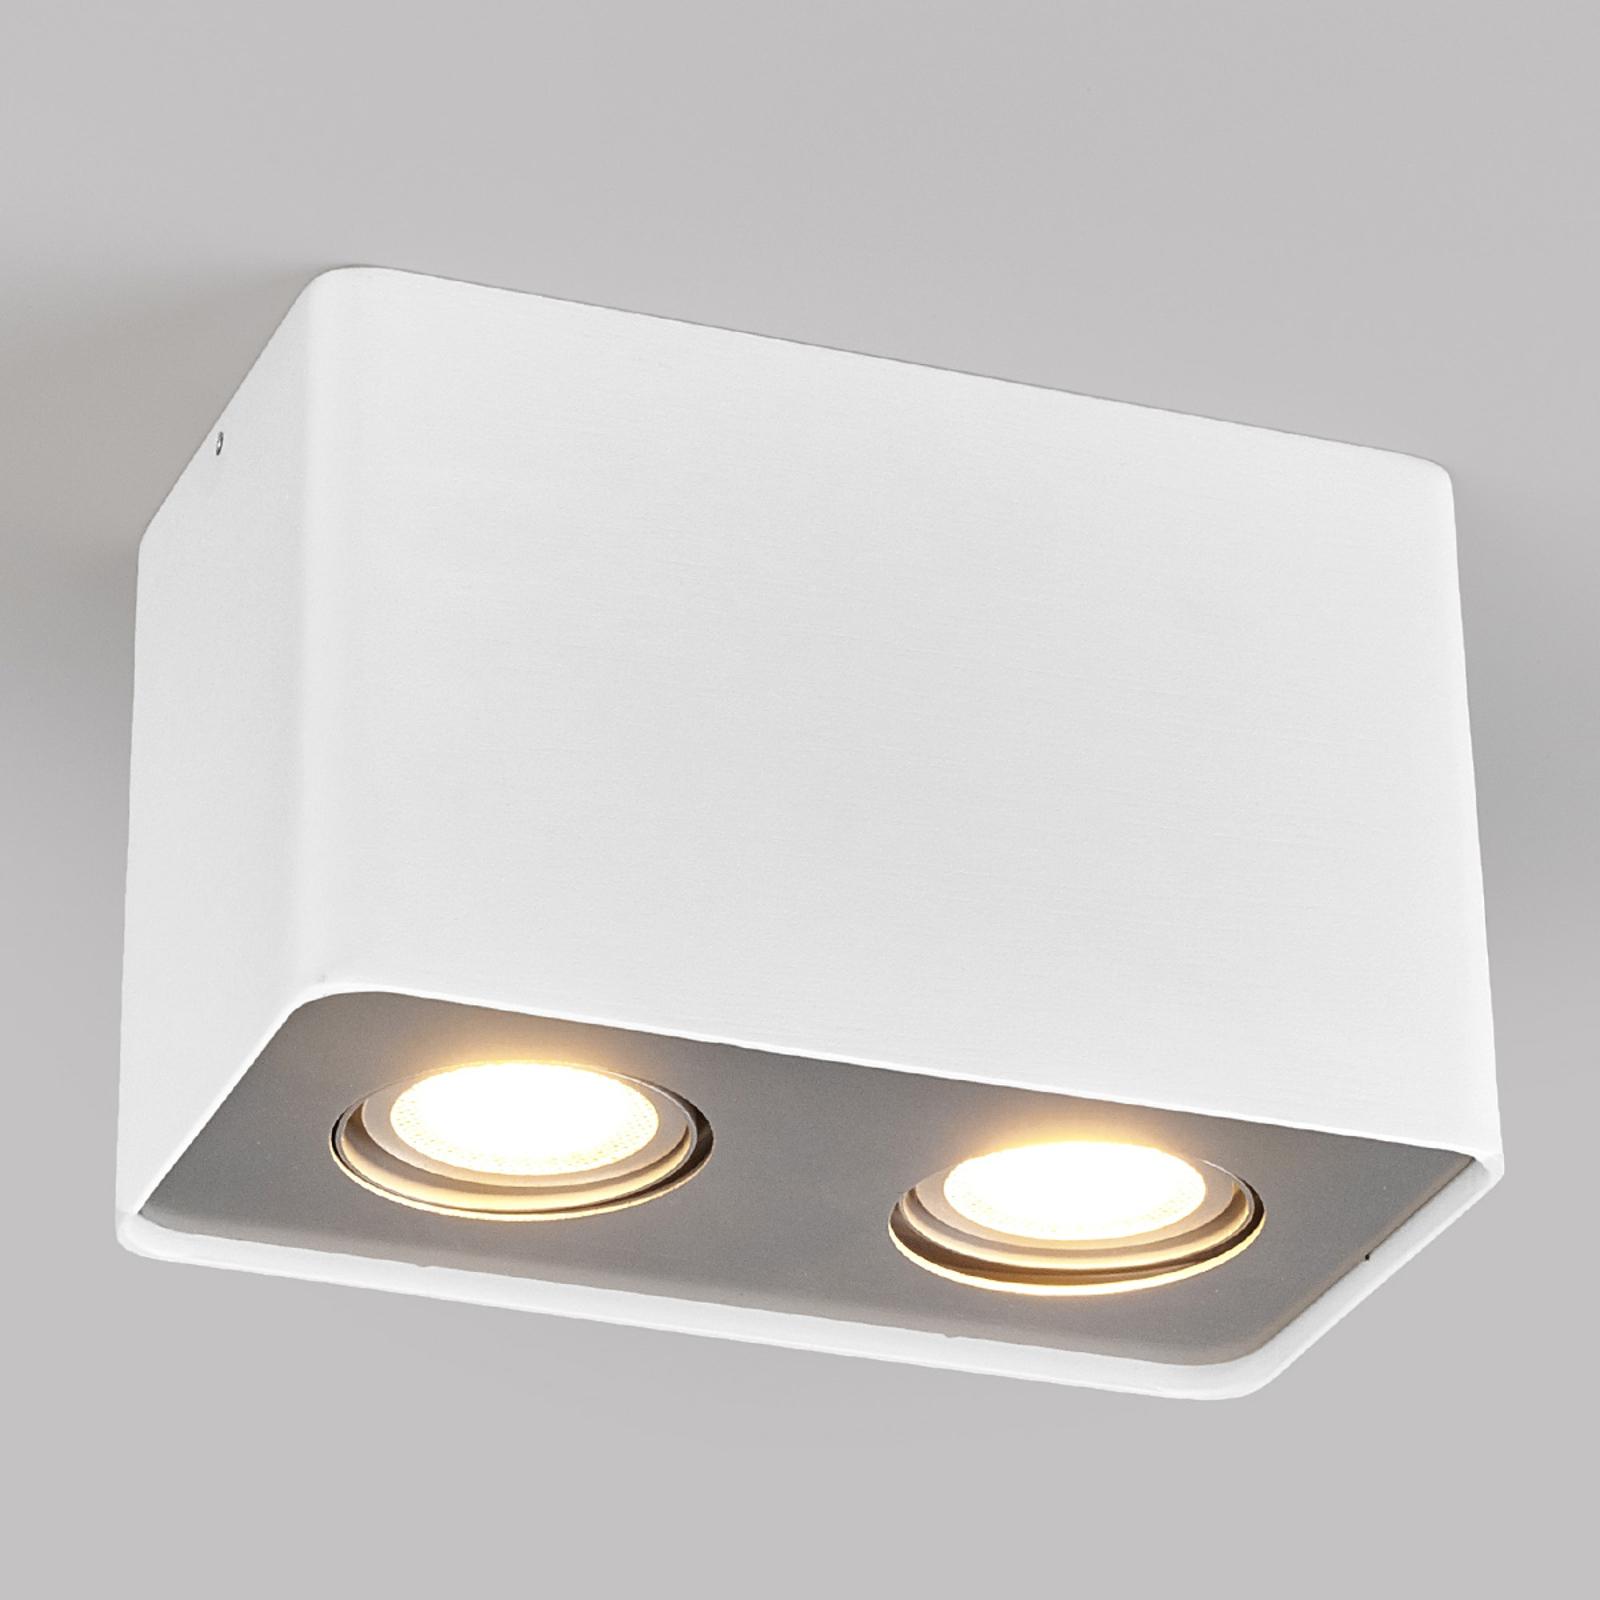 GU10-LED downlight Giliano, 2-lamps, hoekig, wit